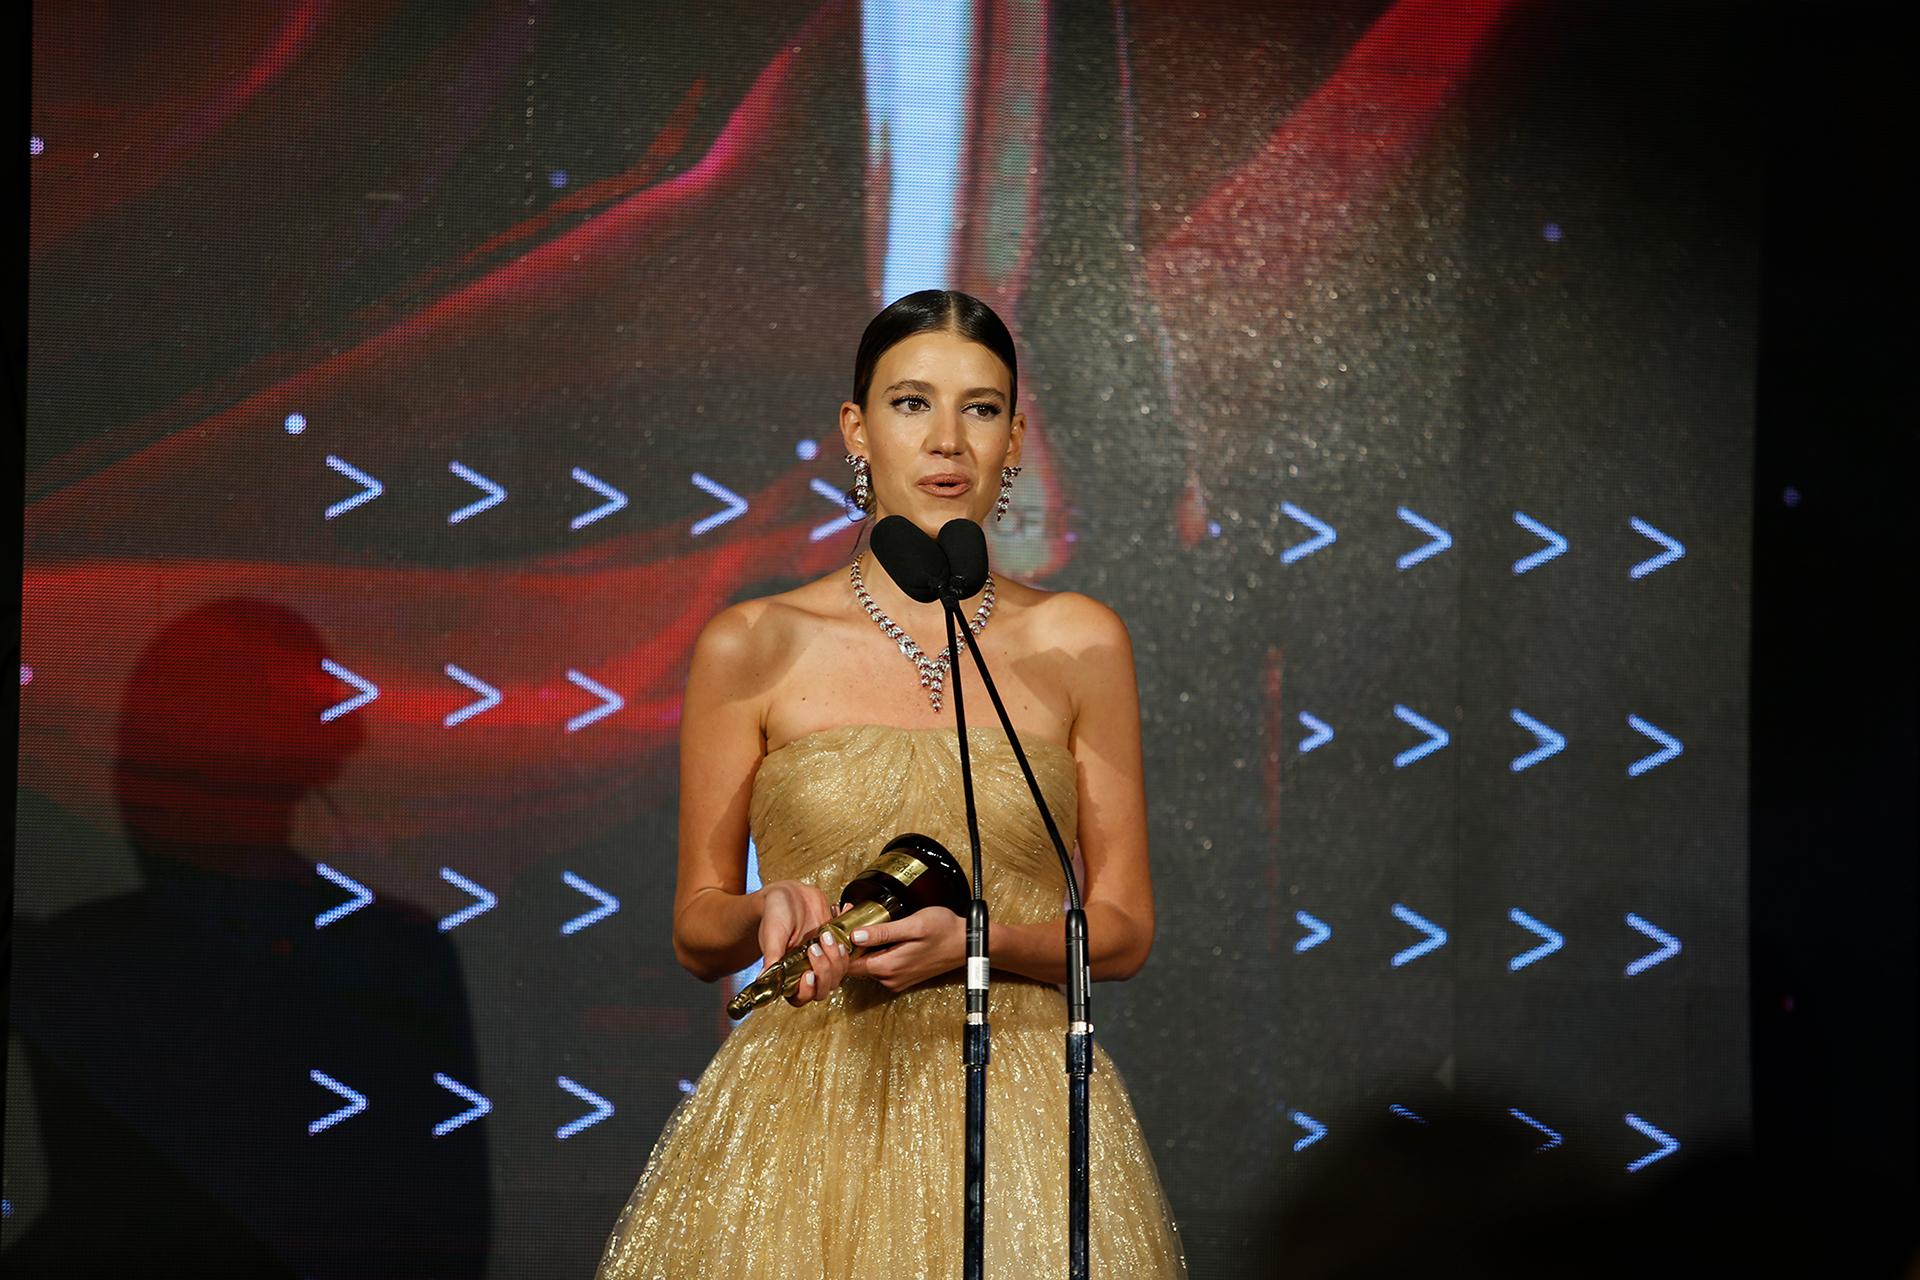 La influencer y ganadora de la estatuilla Angie Landaburu, lució un espectacular Oscar de la Renta y zapatos de Prada. Emocionada, agradeció a su casi medio millón de seguidores de Instagram por acompañarla en toda su labor